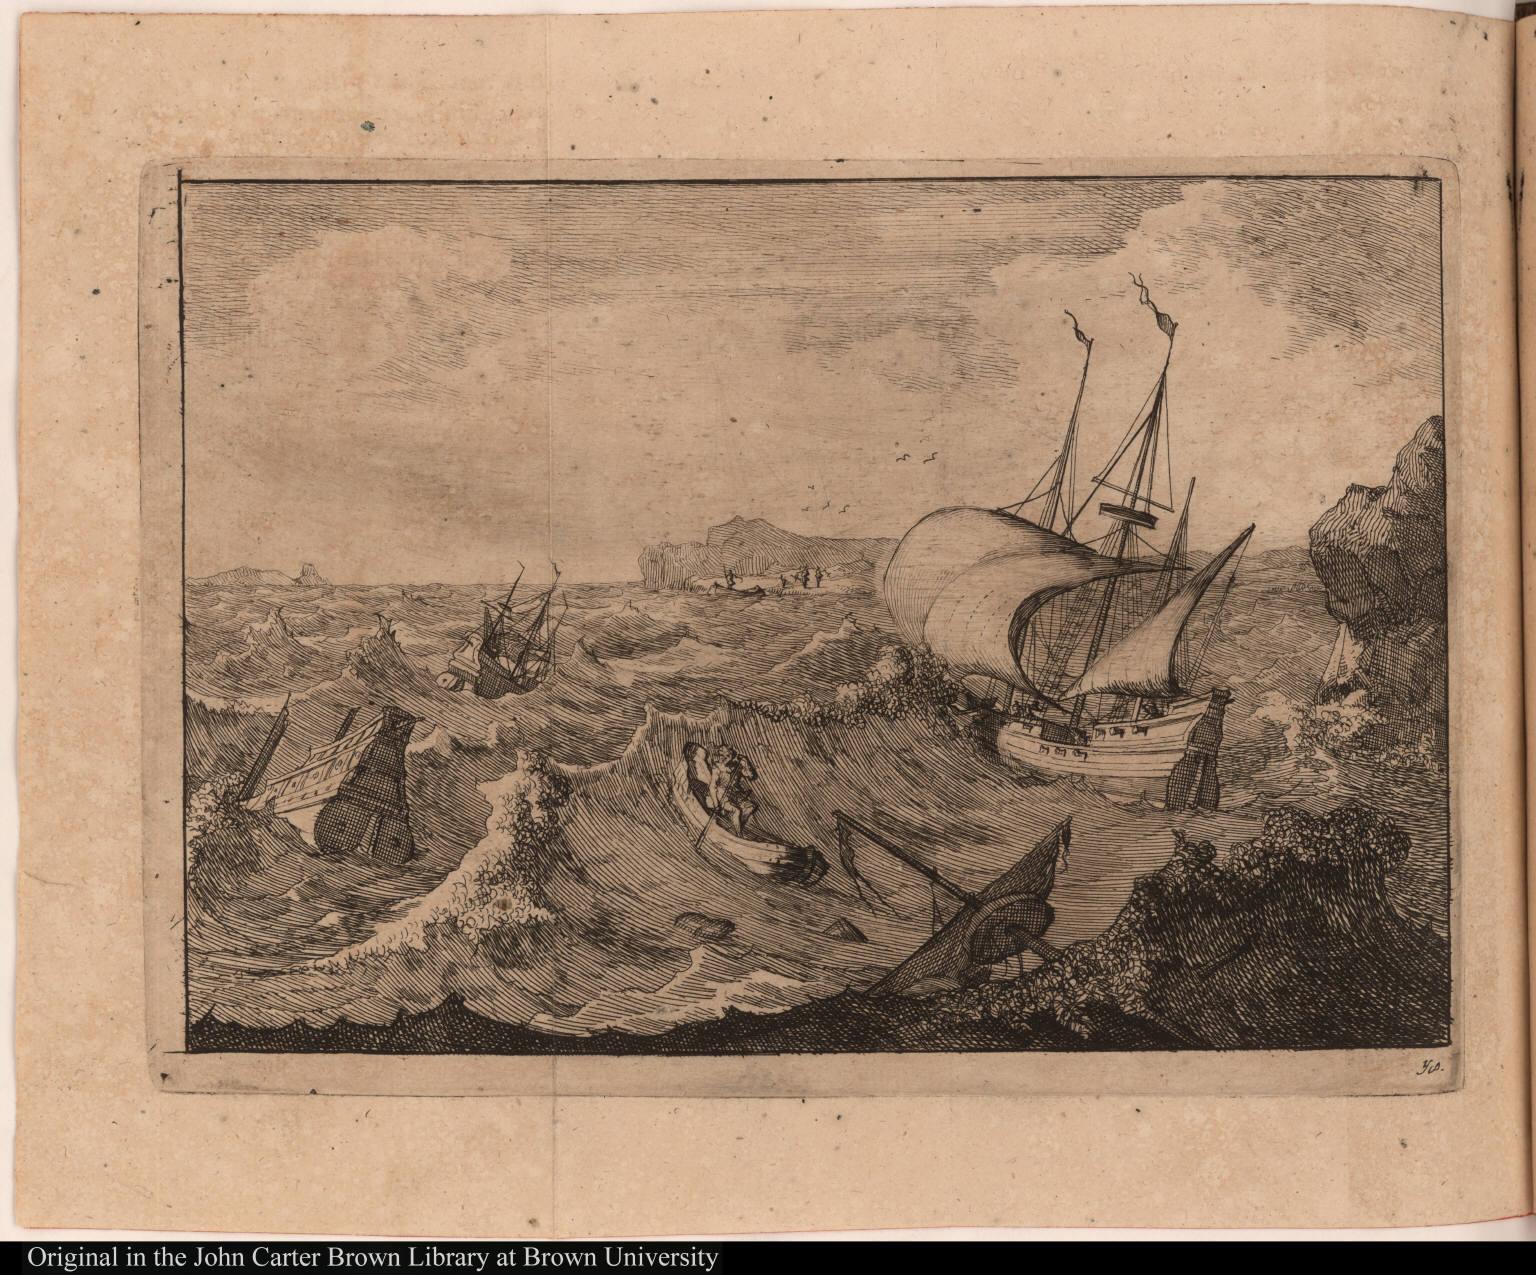 [Shipwreck]